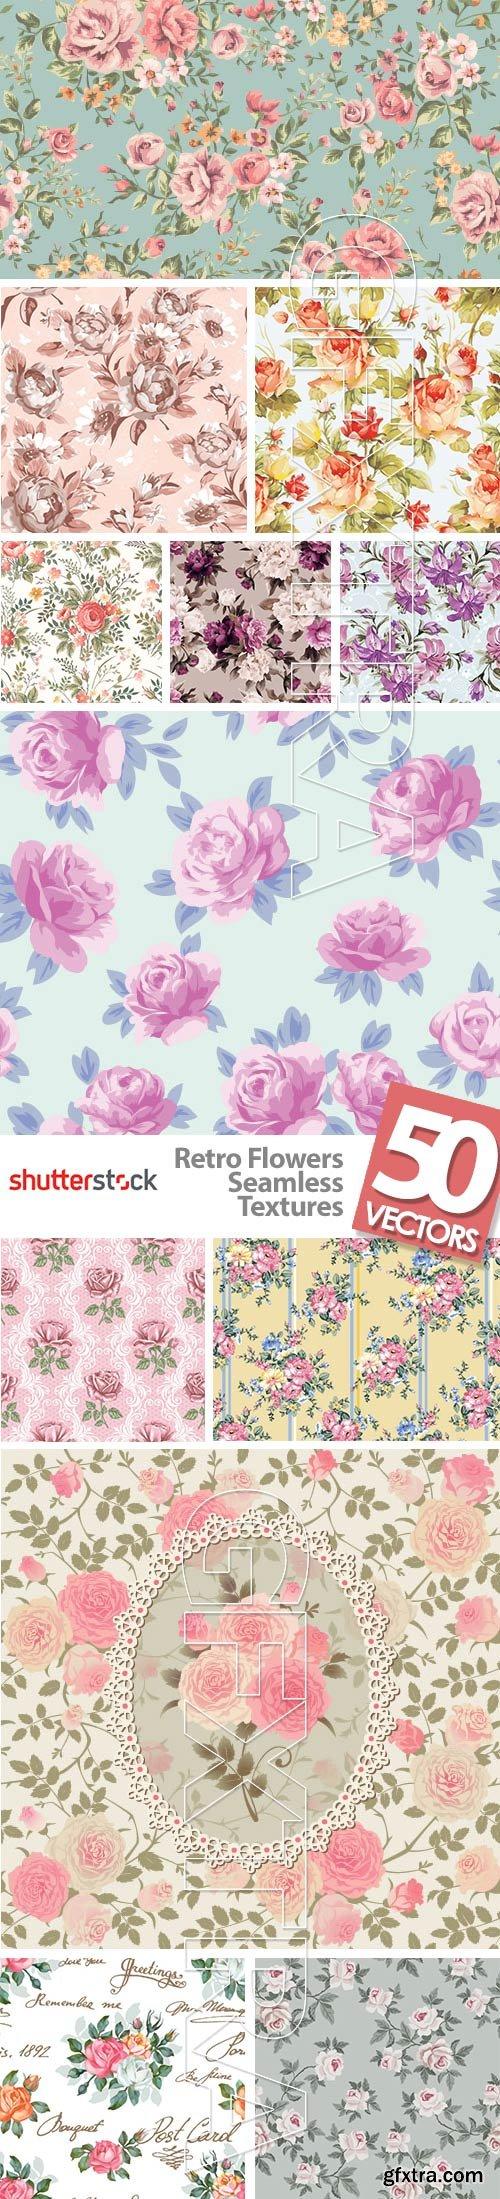 Retro Flowers Seamless Textures 50xEPS